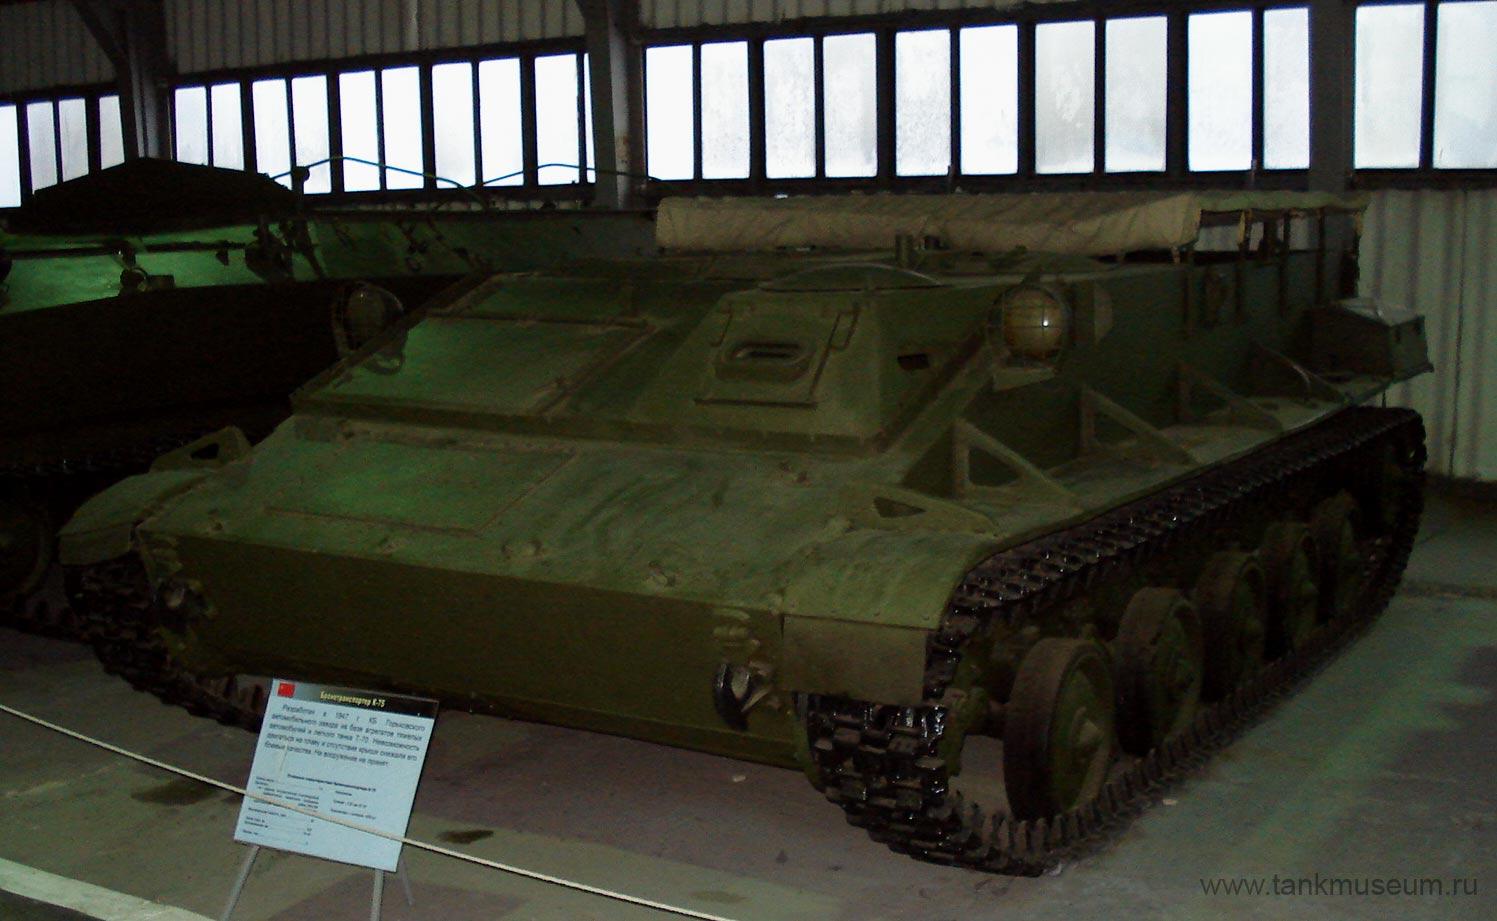 Советский гусеничный бронетранспортер К-75. Танковый музей в Кубинке